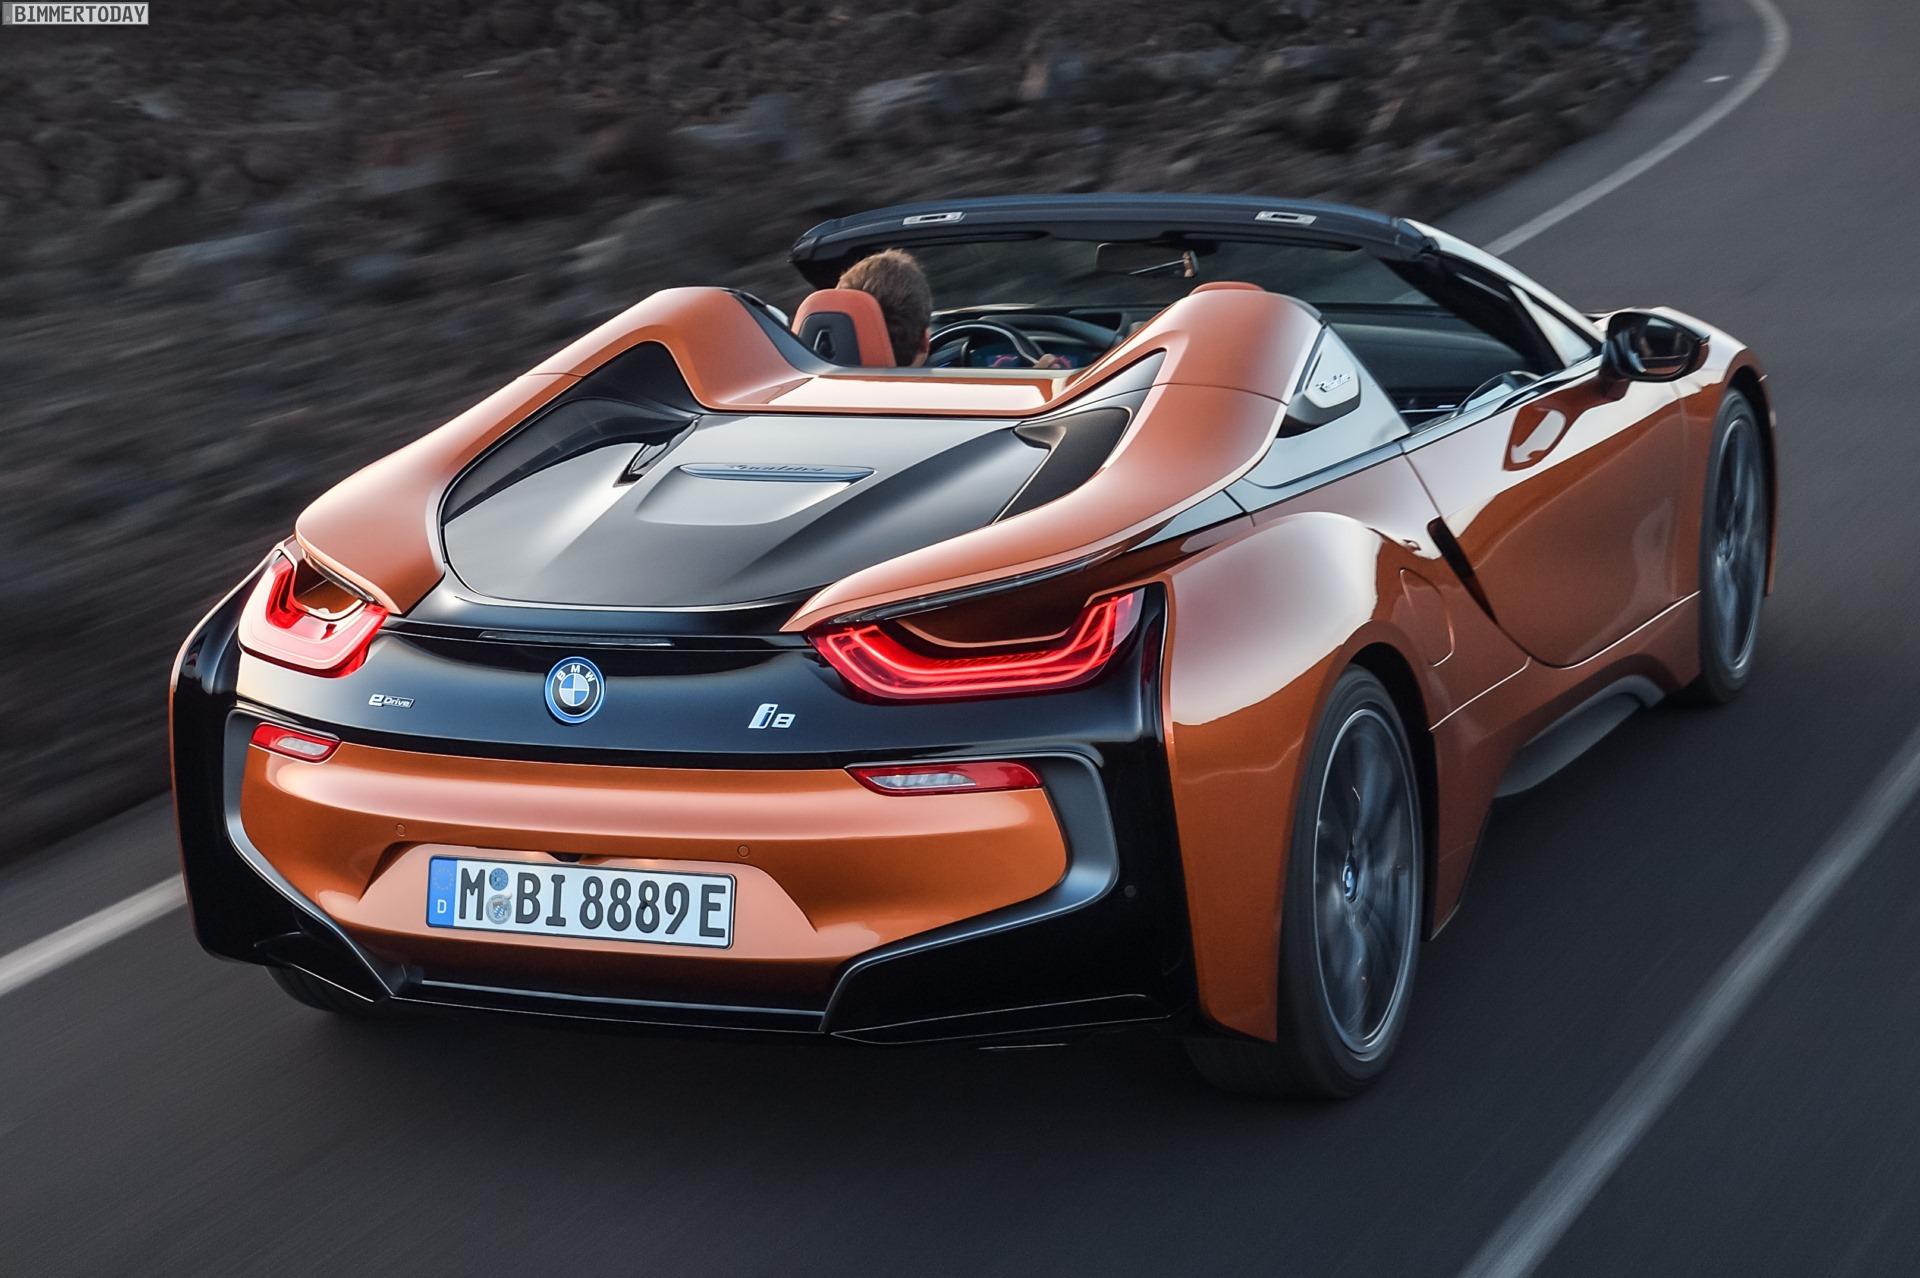 Bmw I8 Roadster Alle Bilder Und Infos Zum Offenen Plug In Hybrid